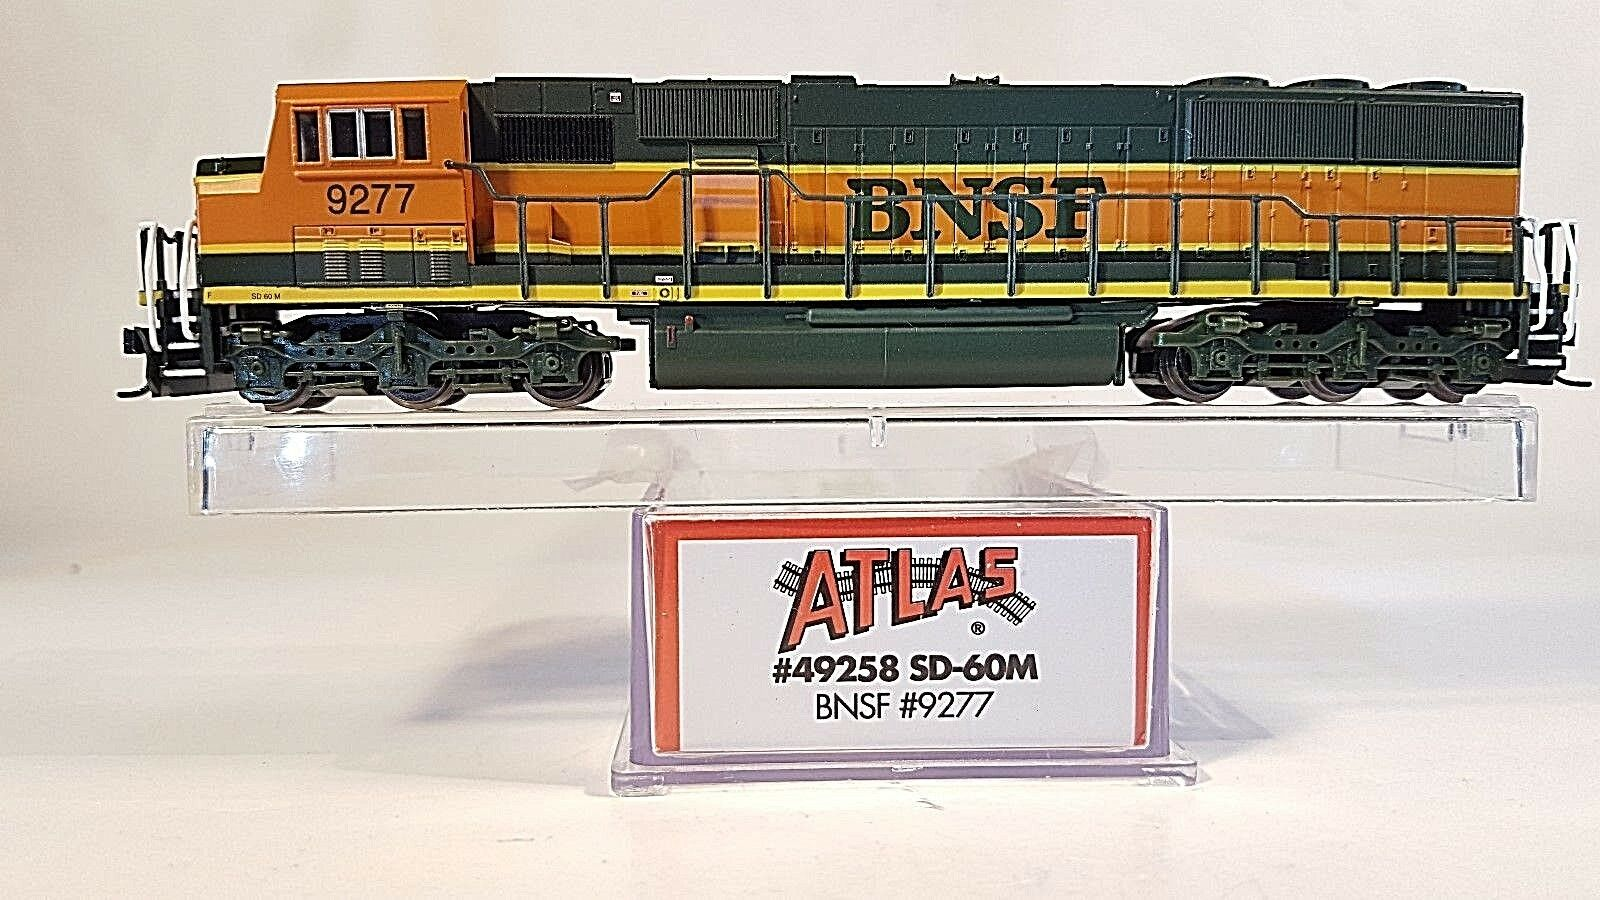 N ATLAS 49258 SD-60M BNSF Locomotive (Decoder Ready) (Tested)